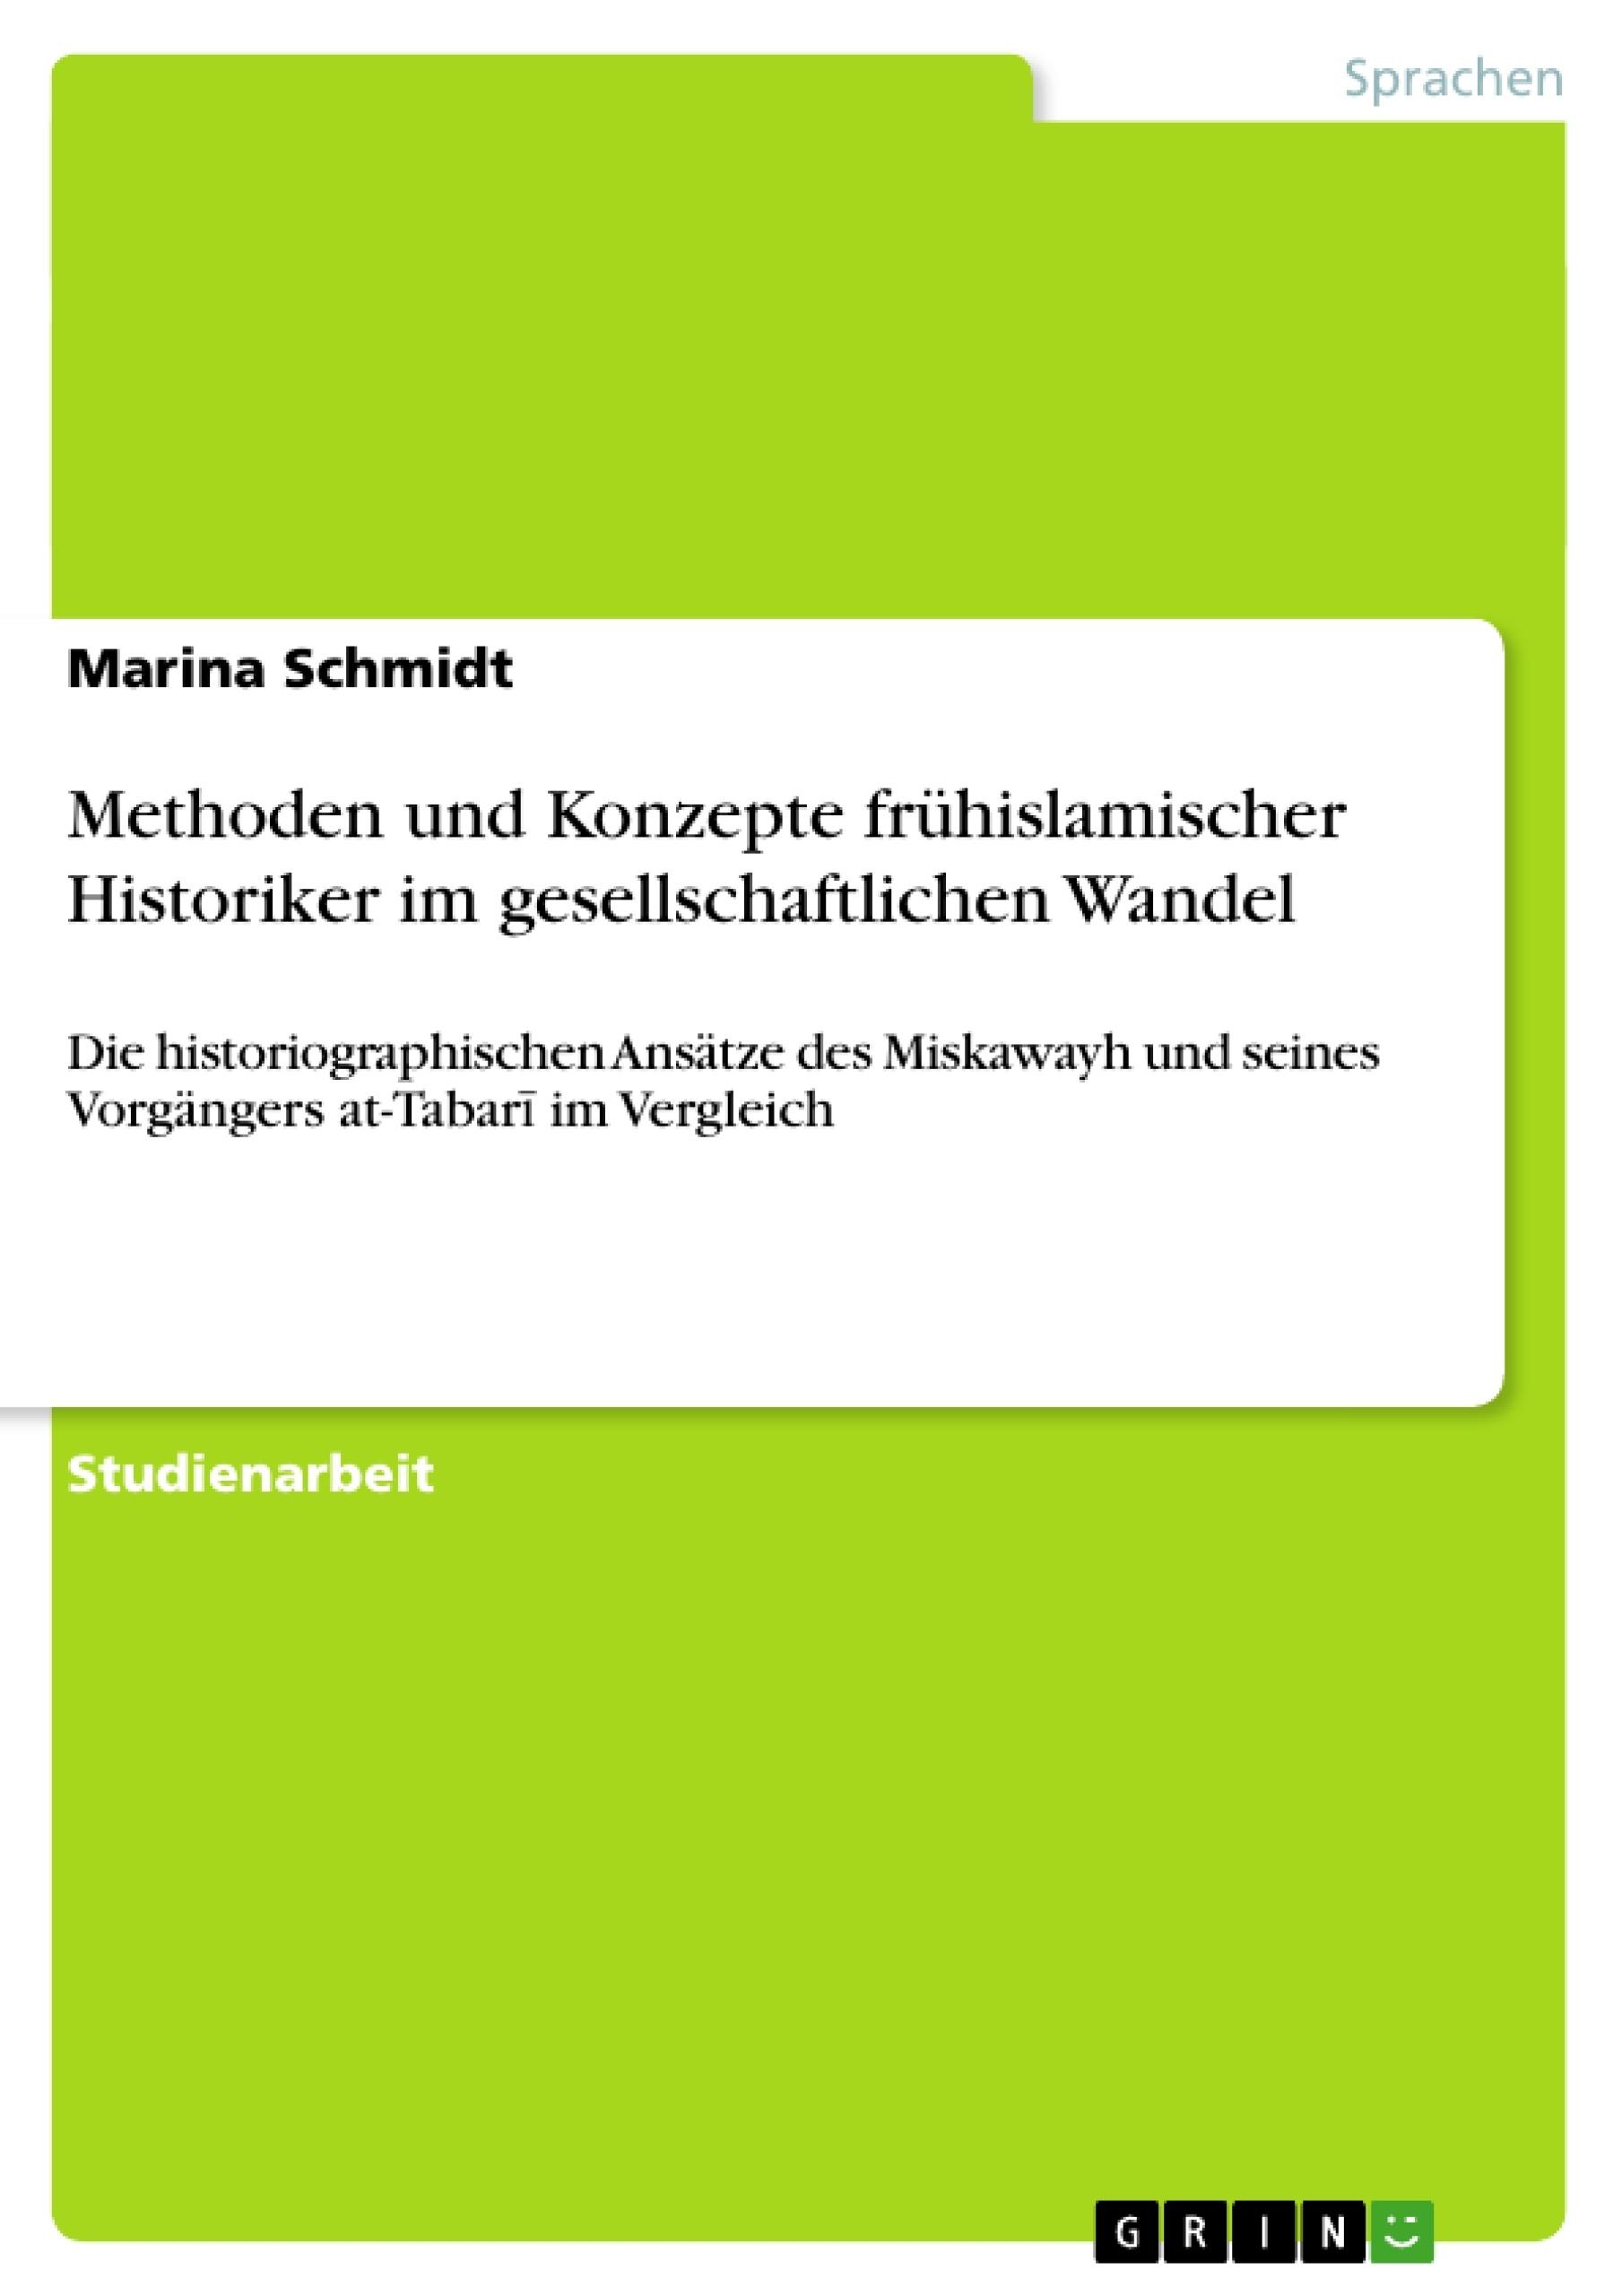 Titel: Methoden und Konzepte frühislamischer Historiker im gesellschaftlichen Wandel